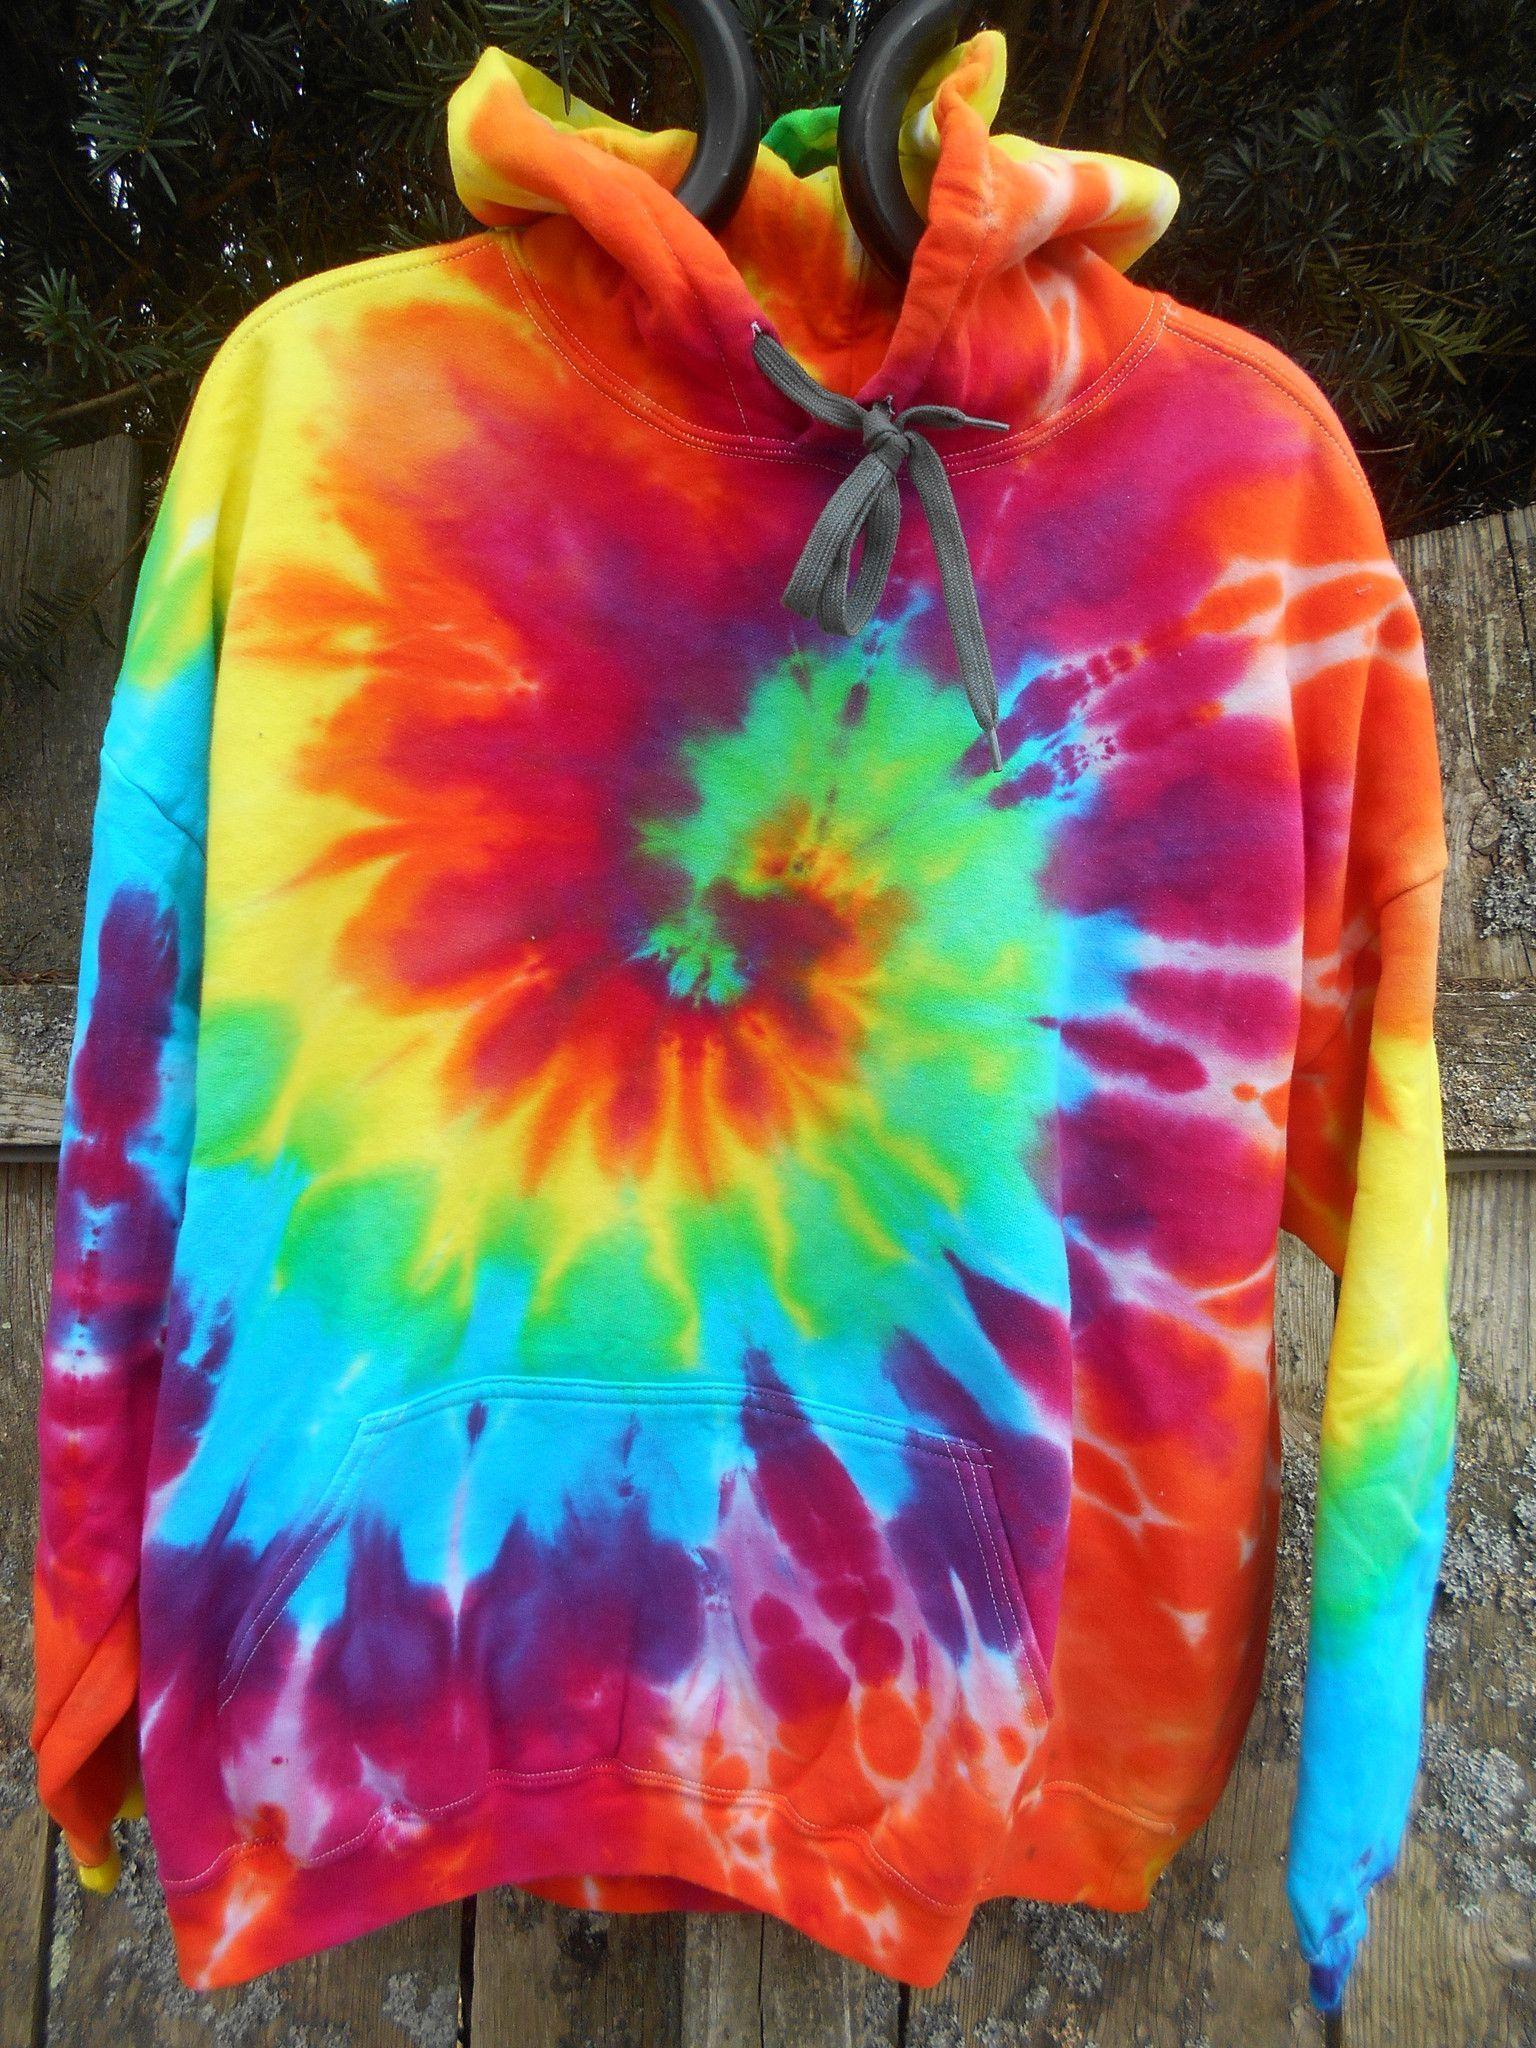 Rainbow Tie Dye Pullover Hoodie Tie Dye Diy Diy Tie Dye Shirts Rainbow Tie Dye Hoodie [ 2048 x 1536 Pixel ]